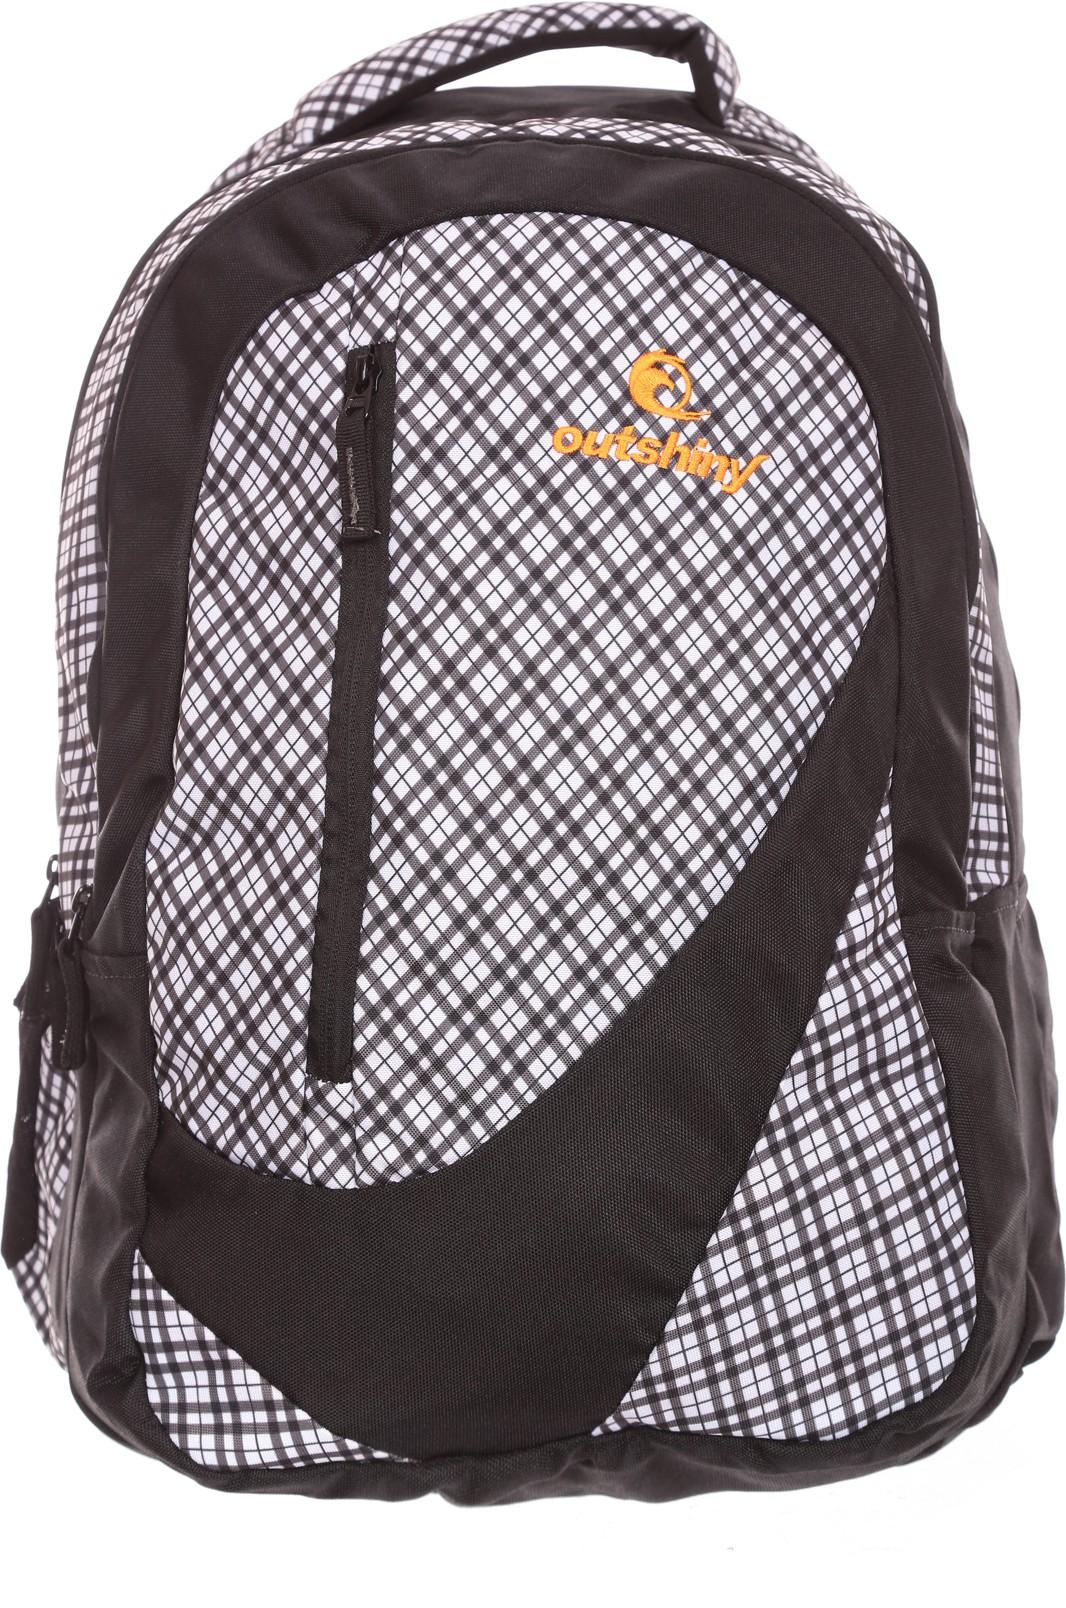 Outshiny Authur otsy Laptop Bag(Multicolor)